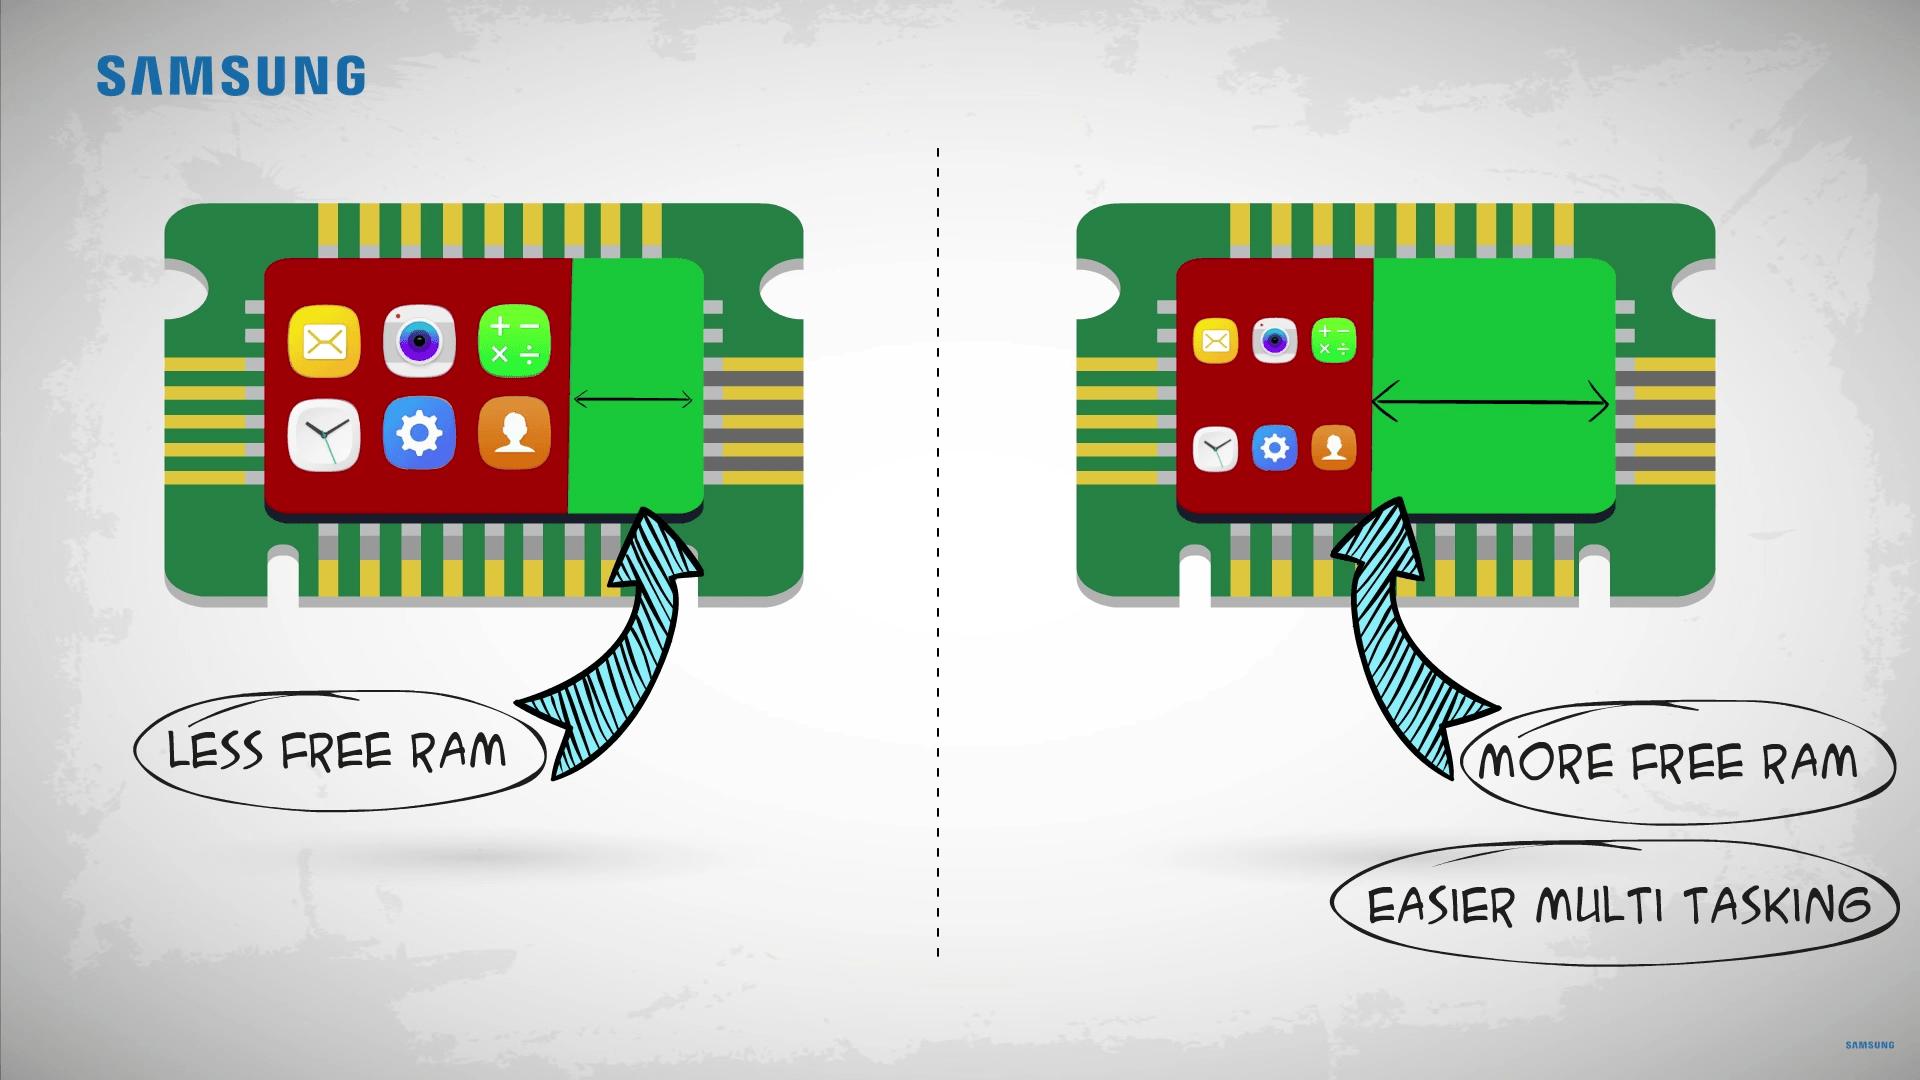 Samsung Turbo Speed Technology : plus de performances avec moins de RAM